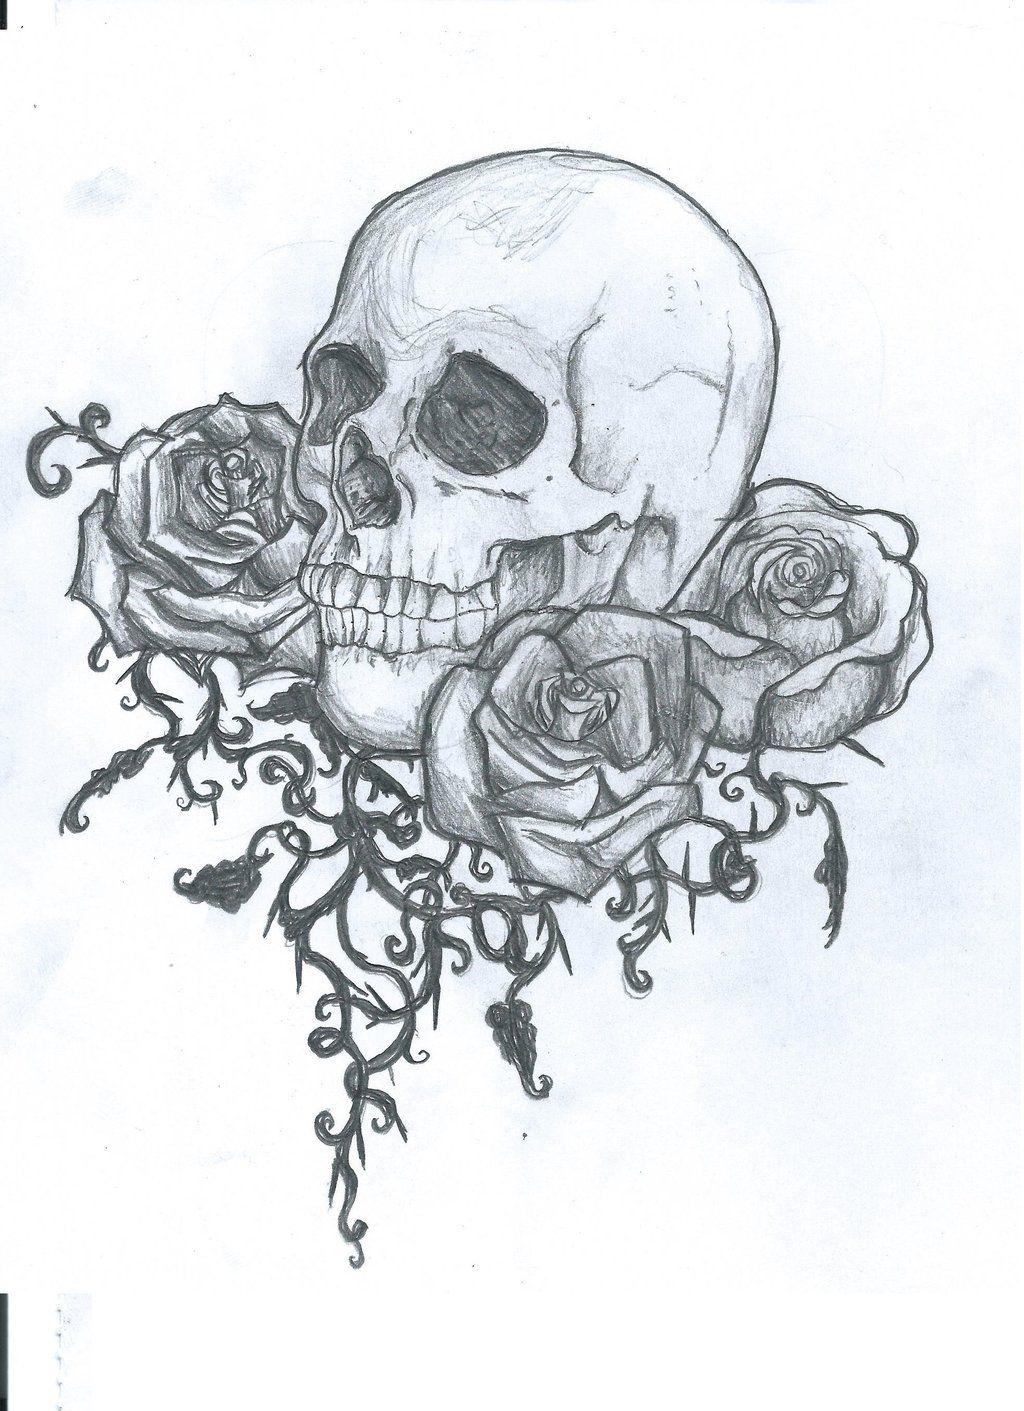 6fb399ee34a85 Skull tattoo design by ei3ga.deviantart.com on @deviantART | Tattoos ...